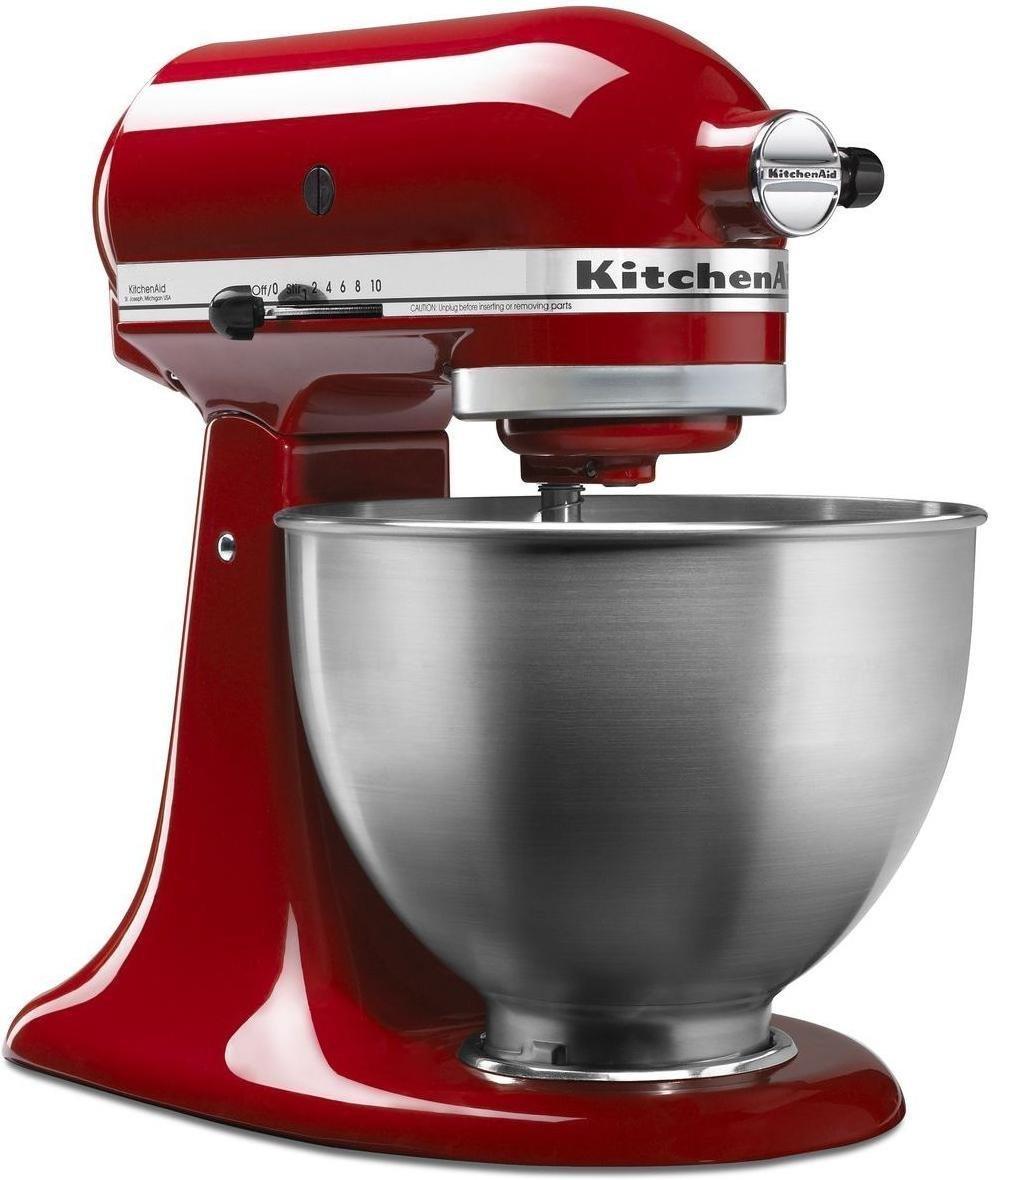 KitchenAid 4.5 Qt. Classic Red Stand Mixer